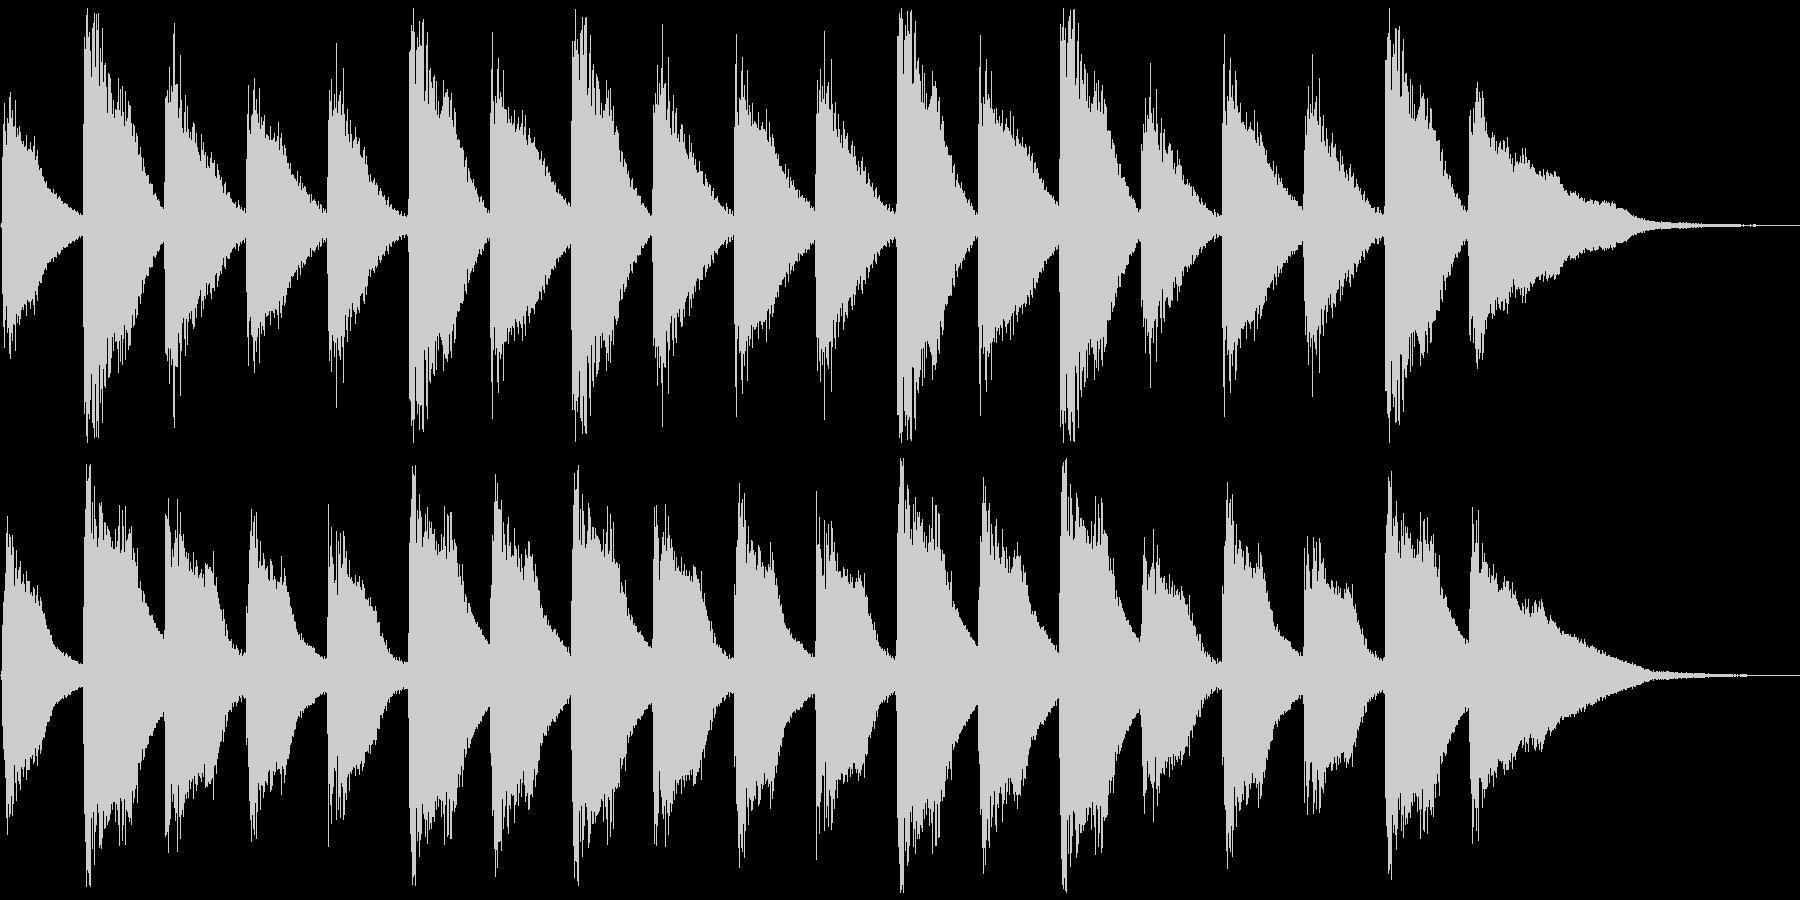 子供と爽やかピアノ、5秒CM、ver.Bの未再生の波形